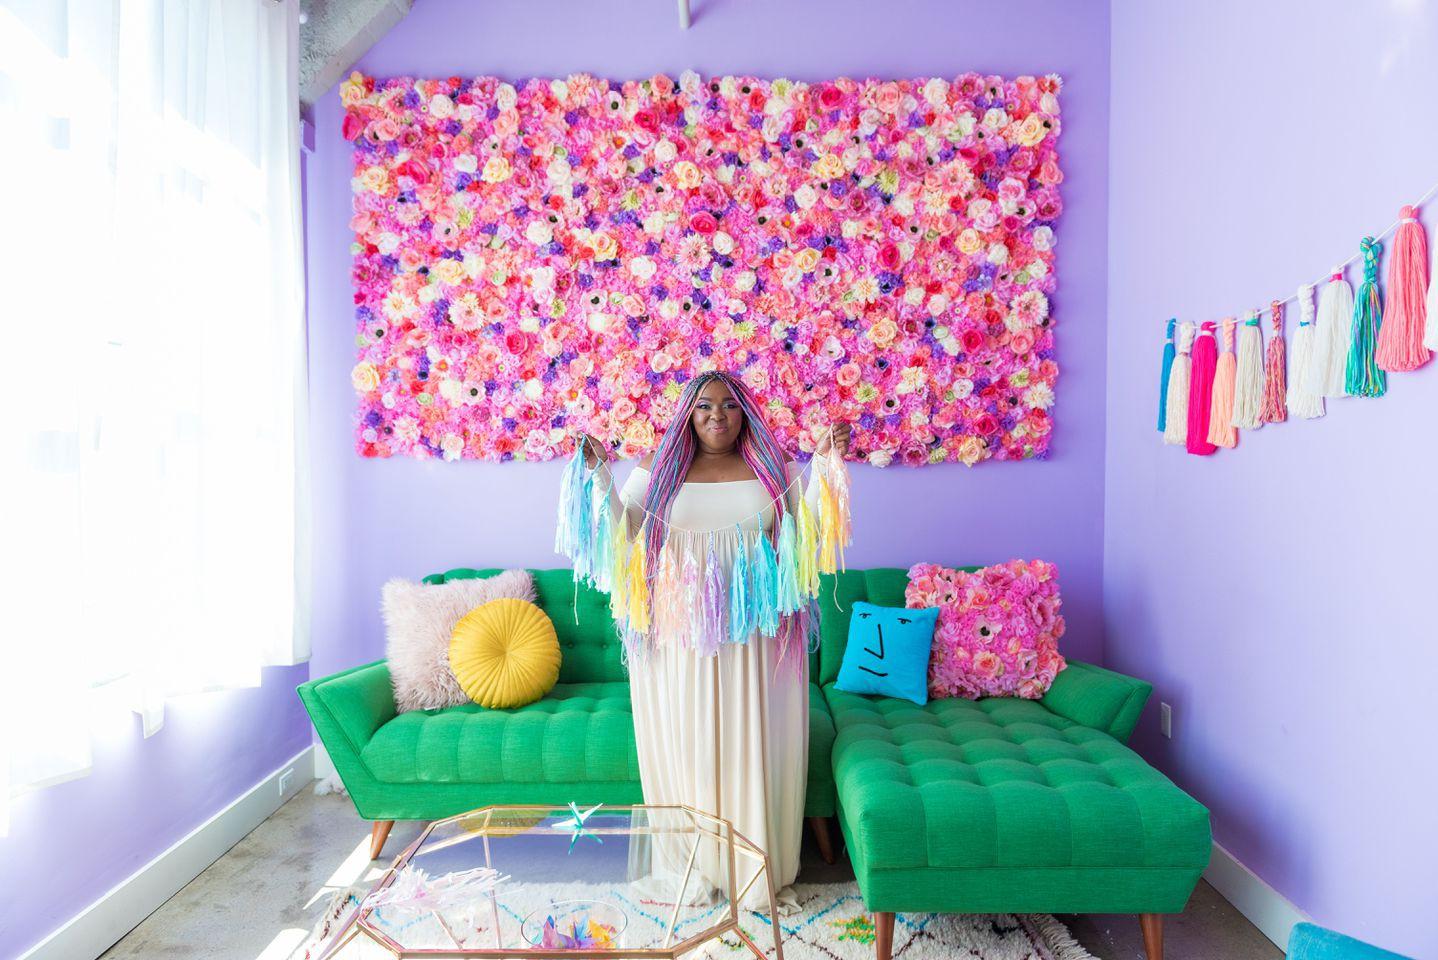 Lấy cầu vồng làm ý tưởng trang trí nhà, căn hộ nhỏ 35m² của cô gái trẻ đang gây sốt trên Instagram - Ảnh 2.